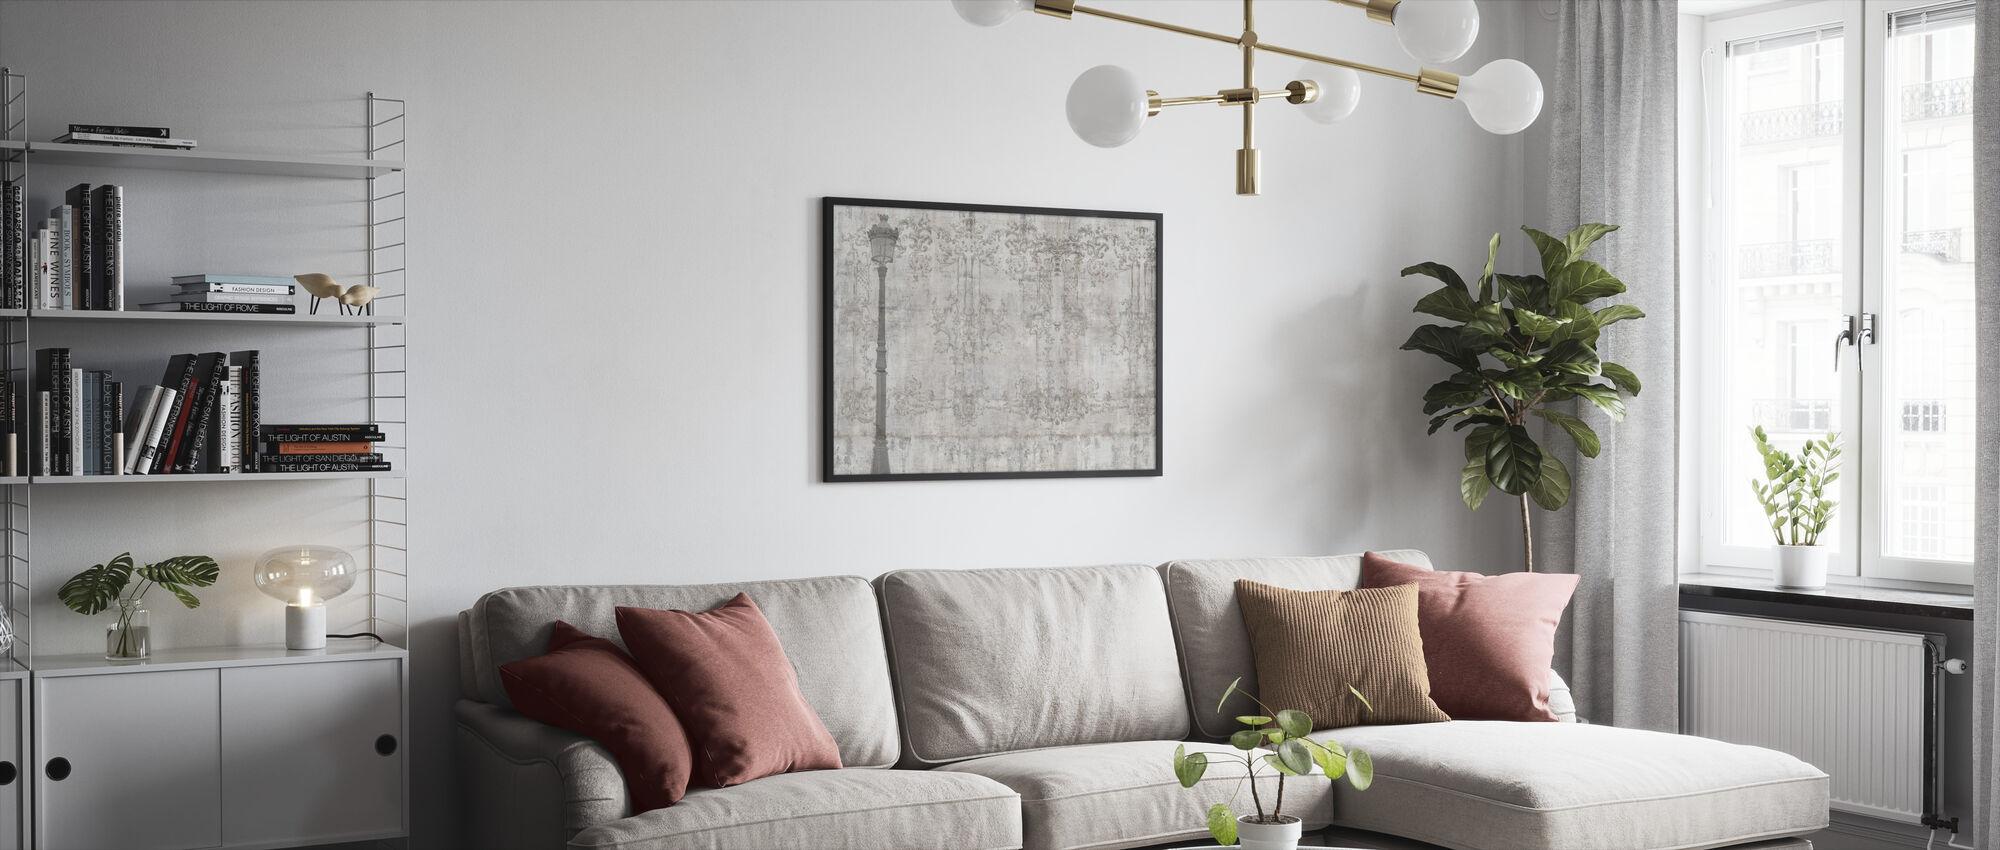 Reminiscence Series Lightpost - Framed print - Living Room